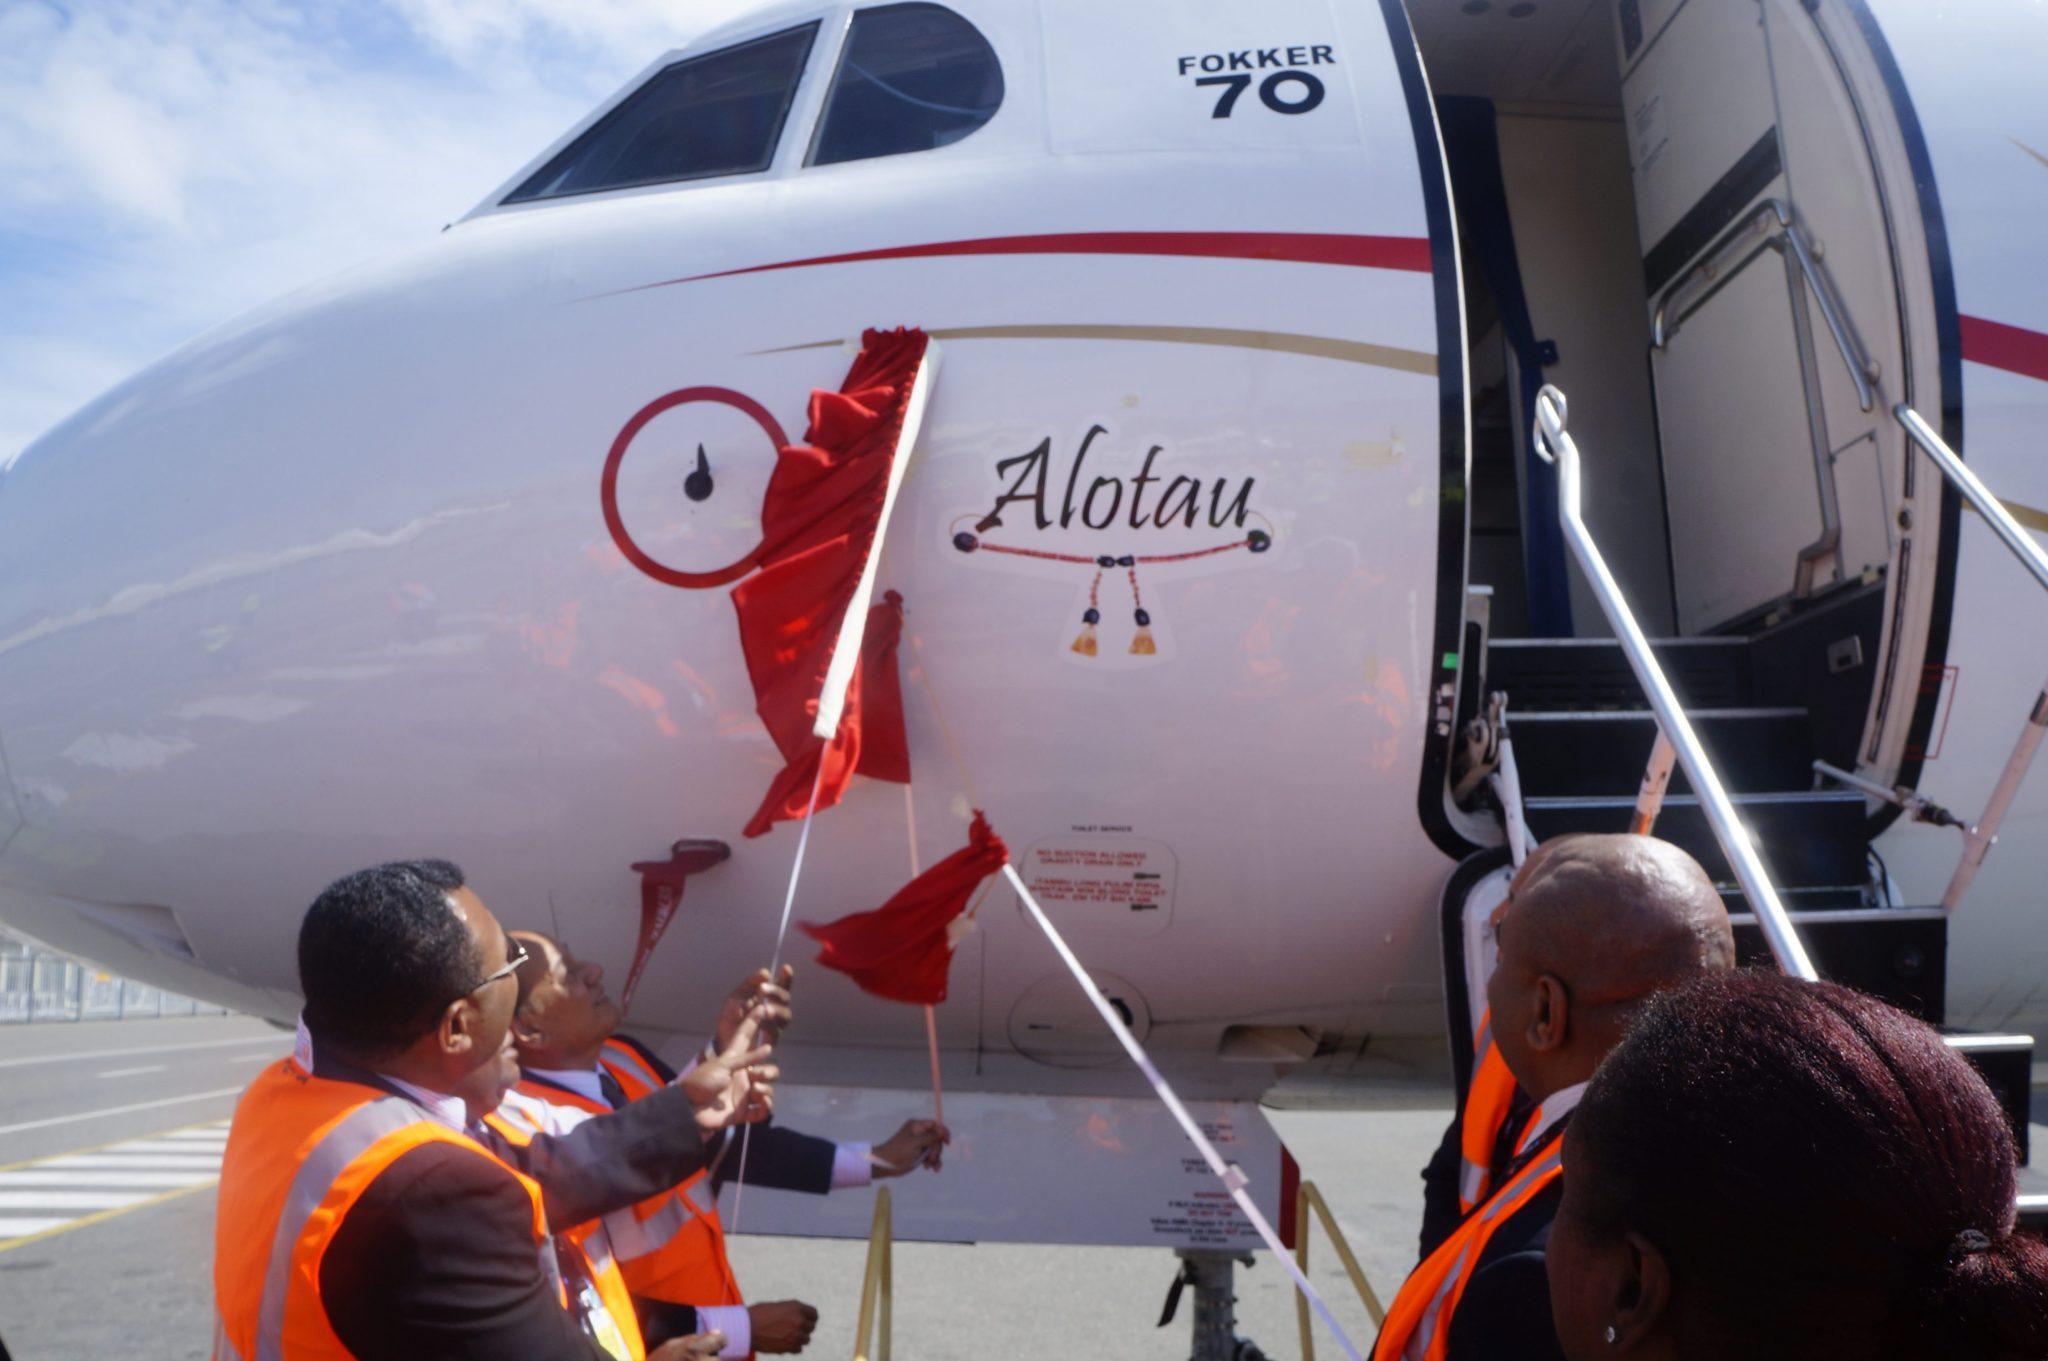 """Naming of the third Fokker 70 aircraft """"Alotau"""""""